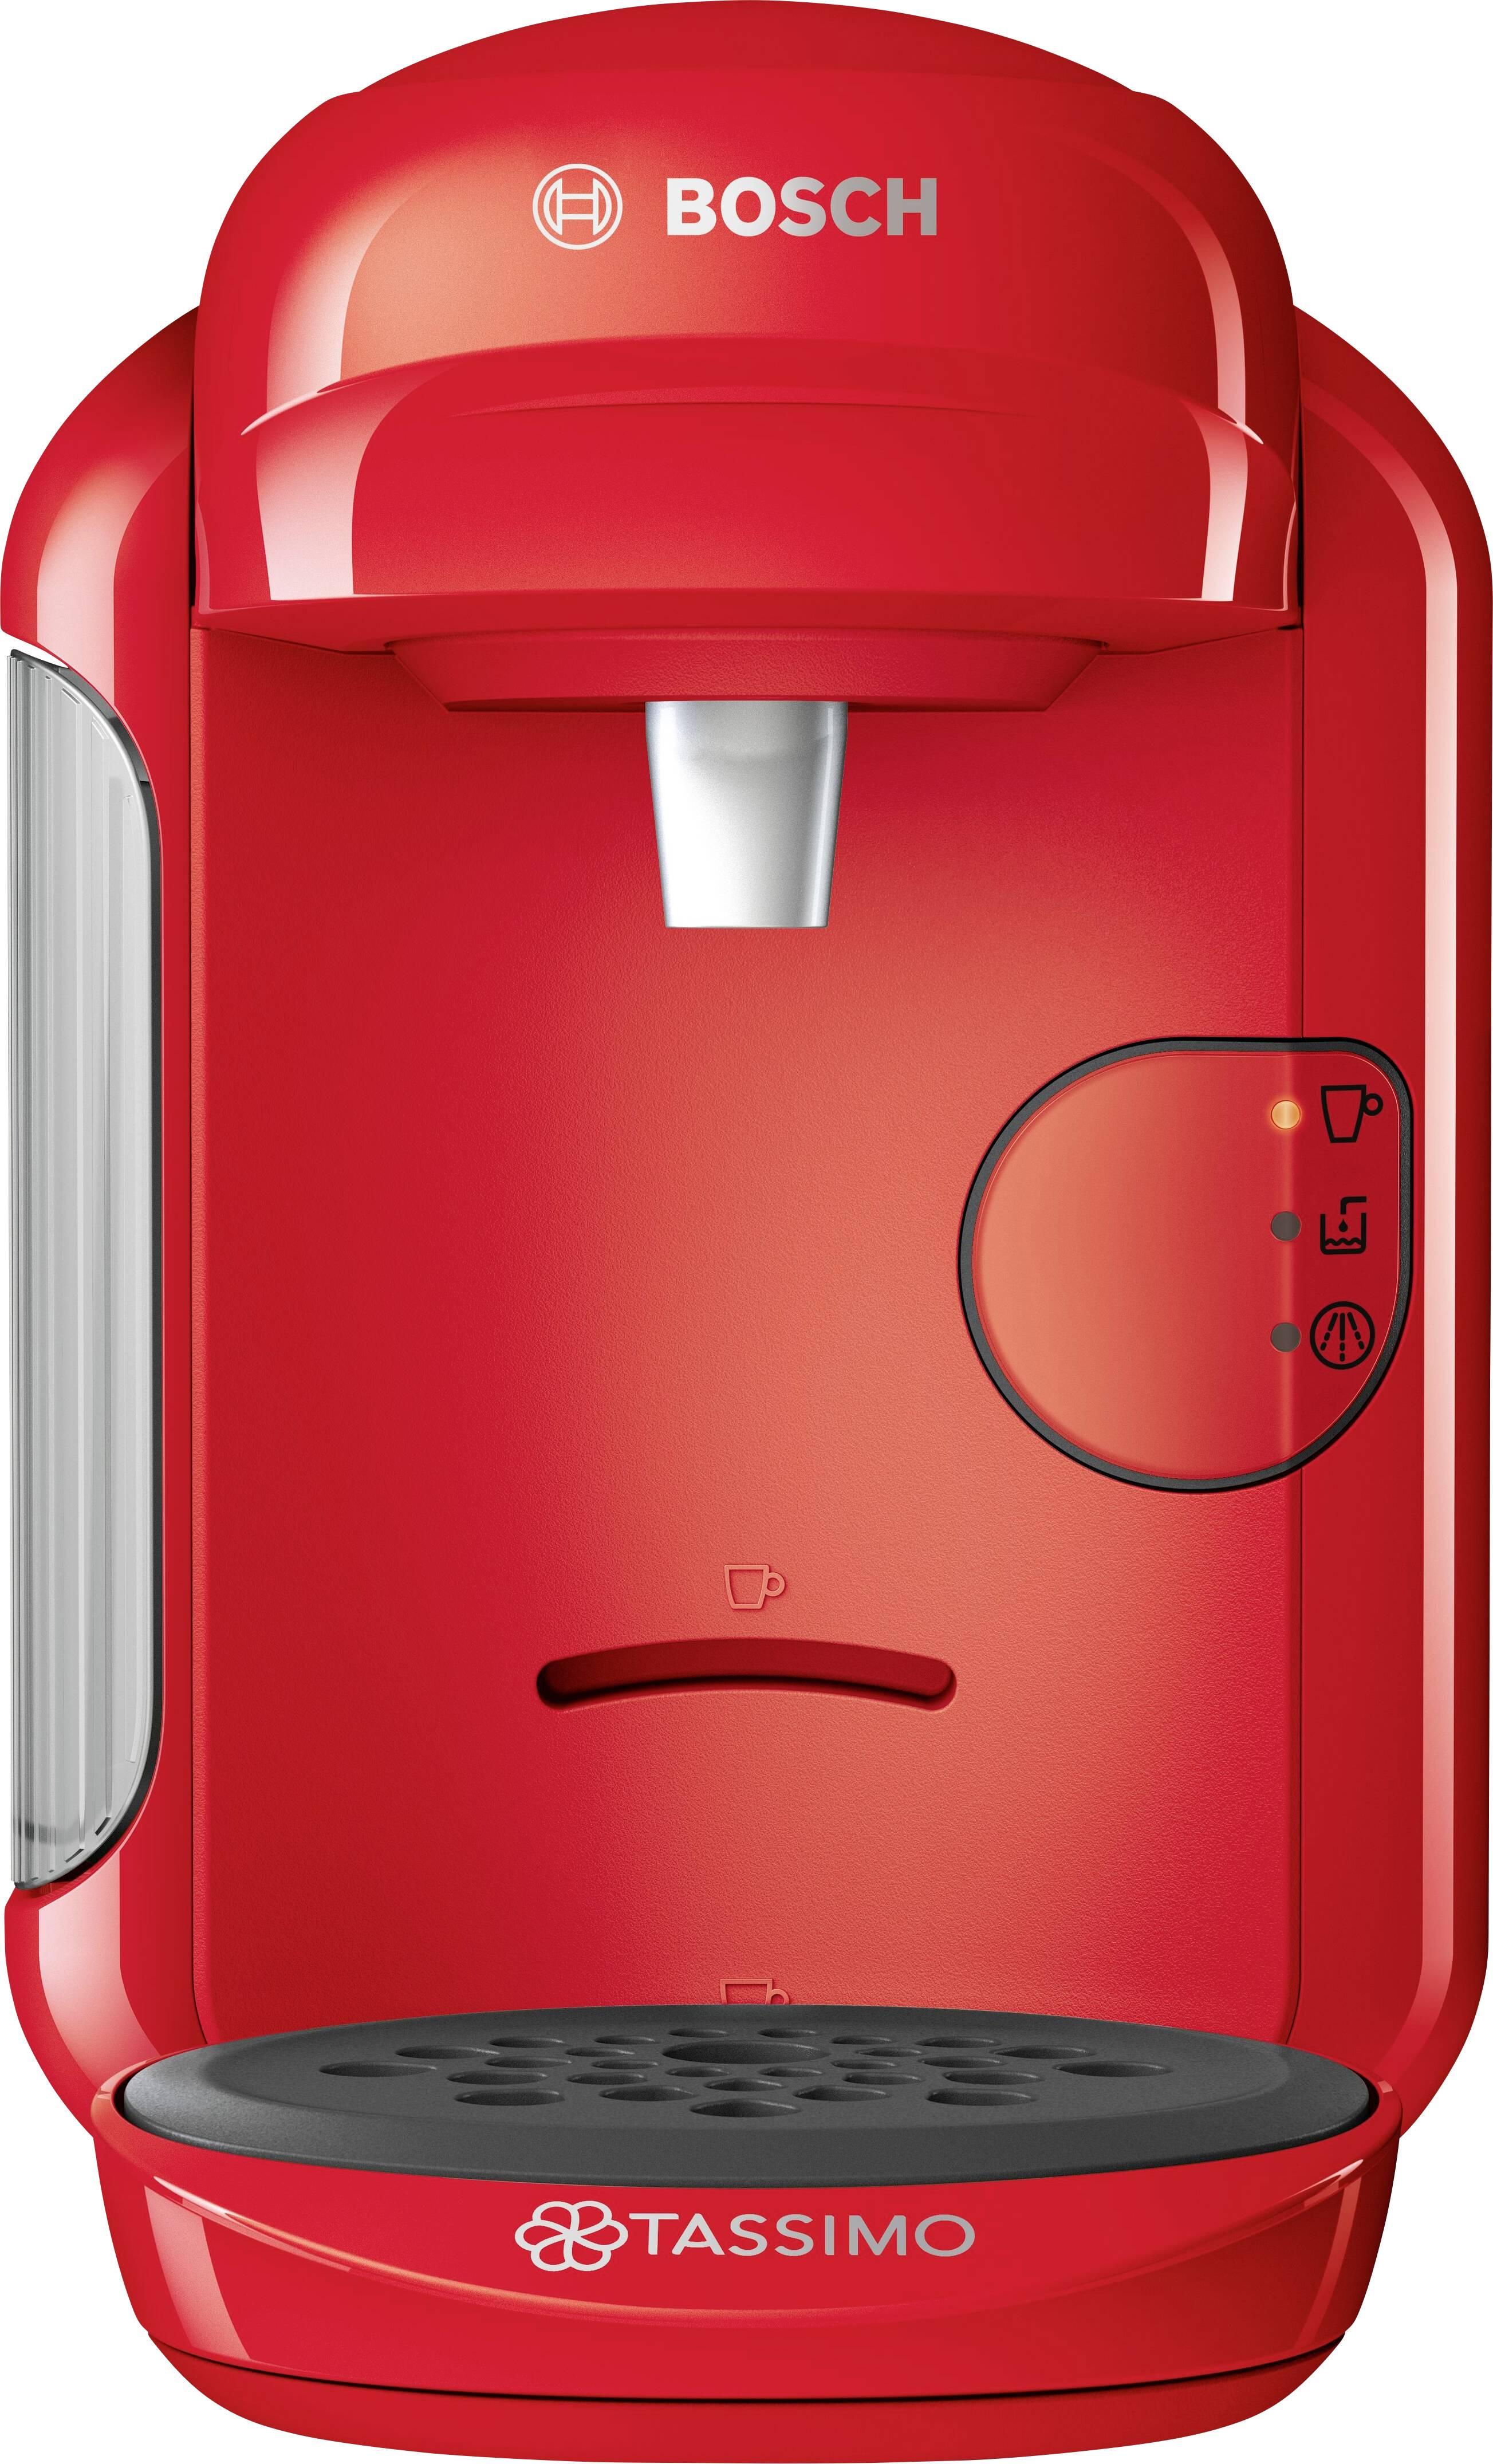 Bosch Haushalt Tassimo VIVY 2 TAS1403 kavni avtomat na kapsule rdeča one touch